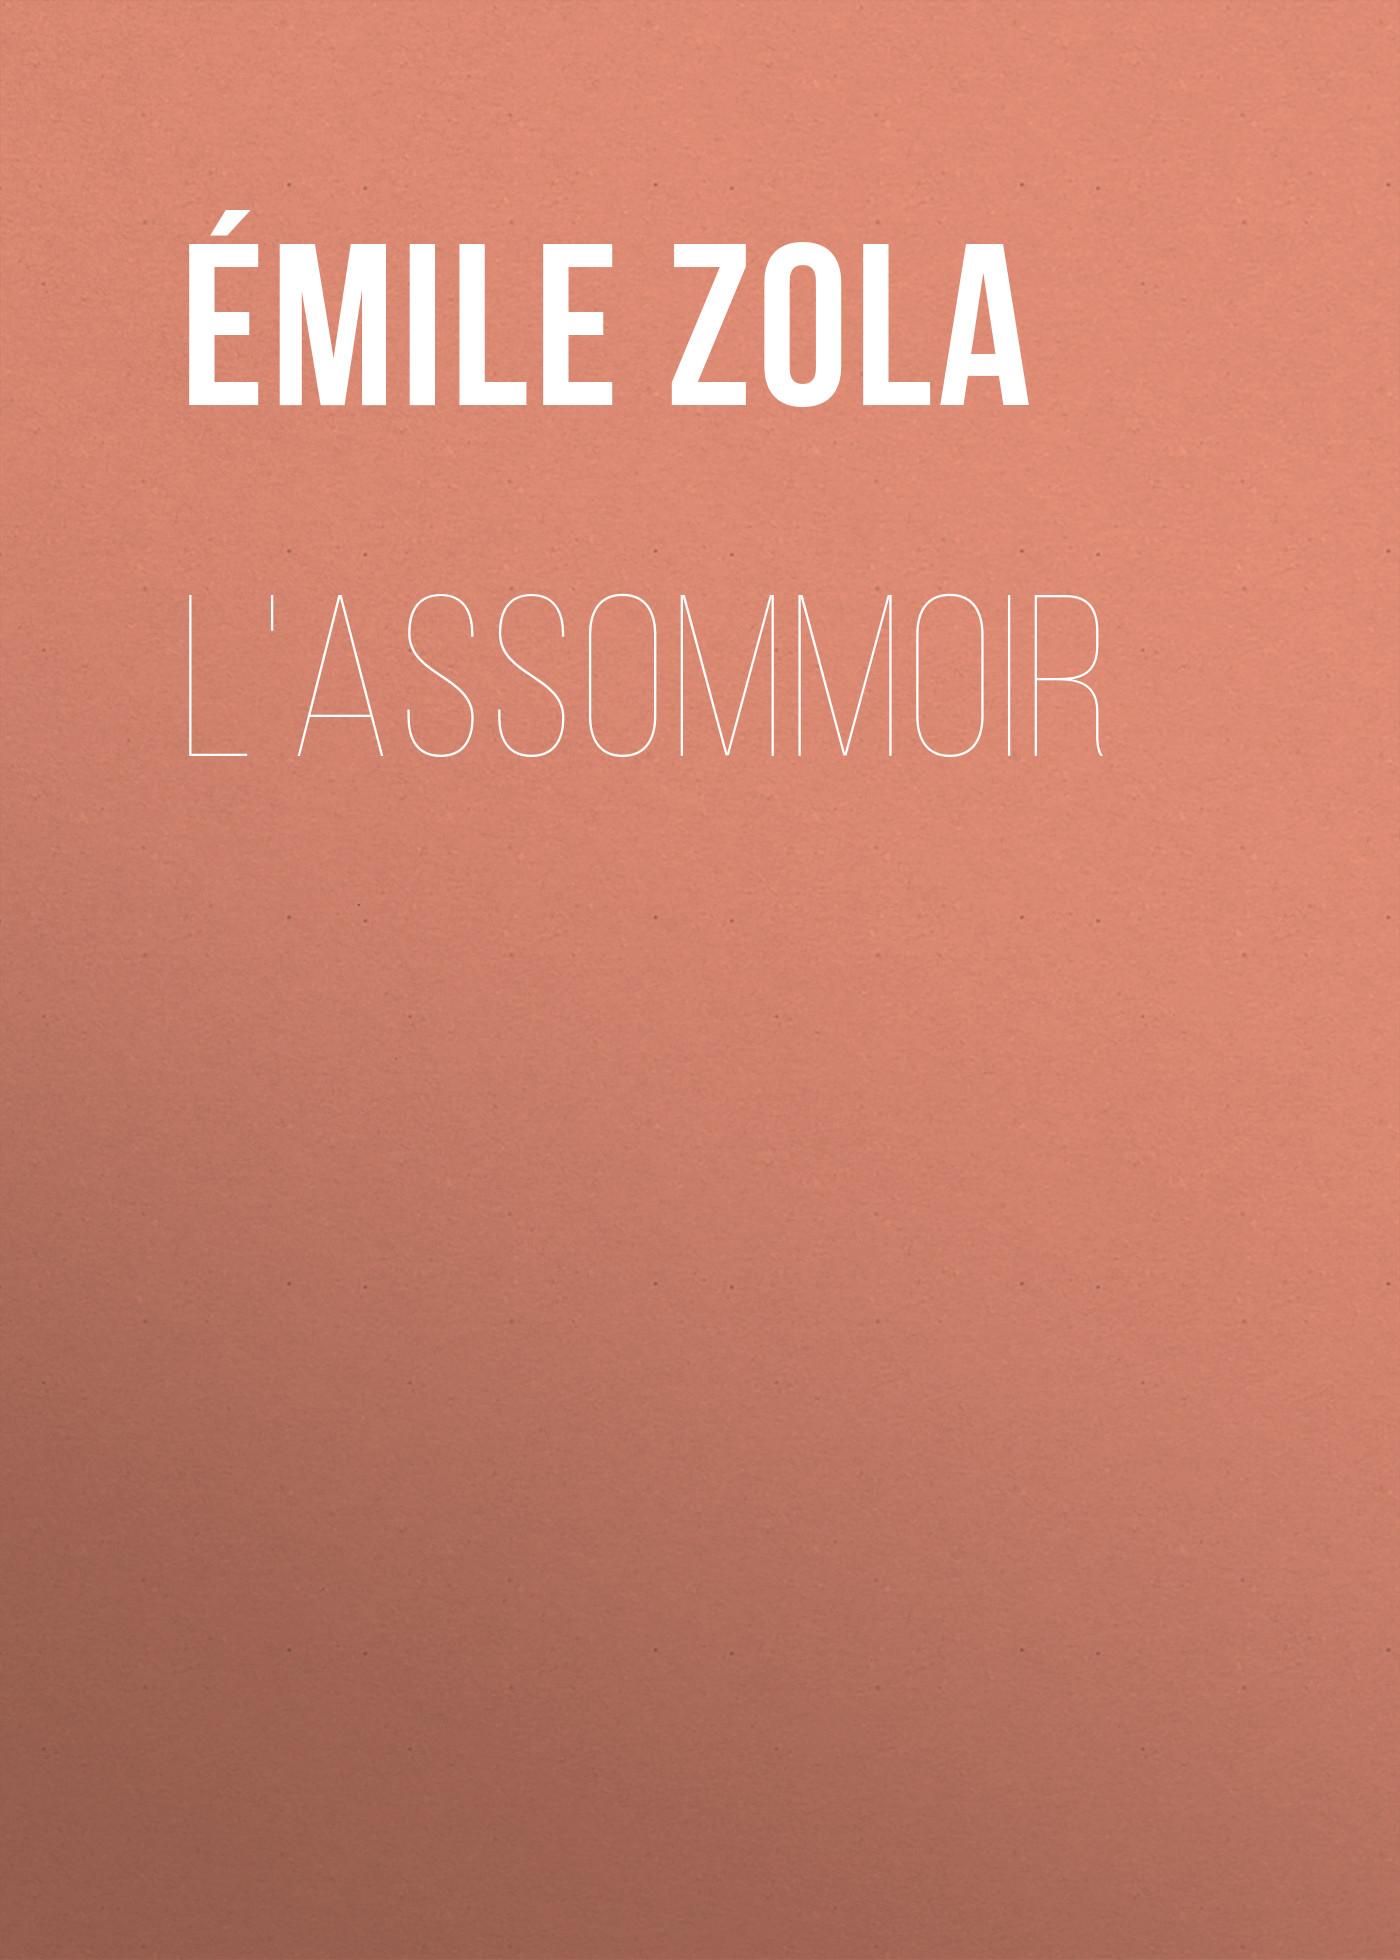 Эмиль Золя L'Assommoir эмиль золя эмиль золя собрание сочинений в 16 томах комплект